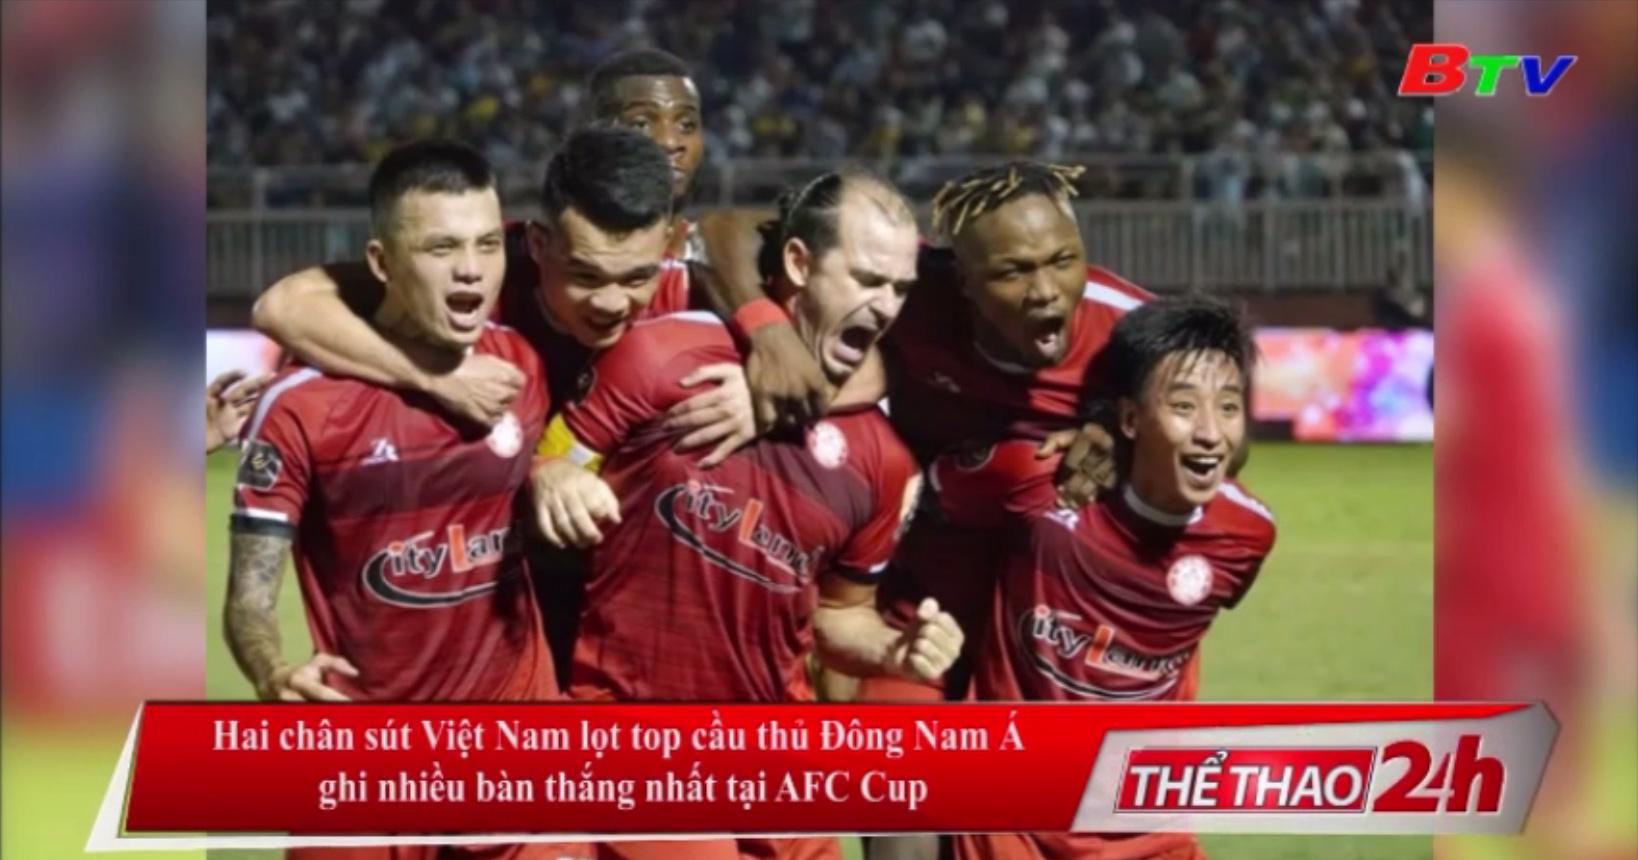 Hai chân sút Việt Nam lọt top cầu thủ Đông Nam Á ghi nhiều bàn thắng nhất tại AFC Cup